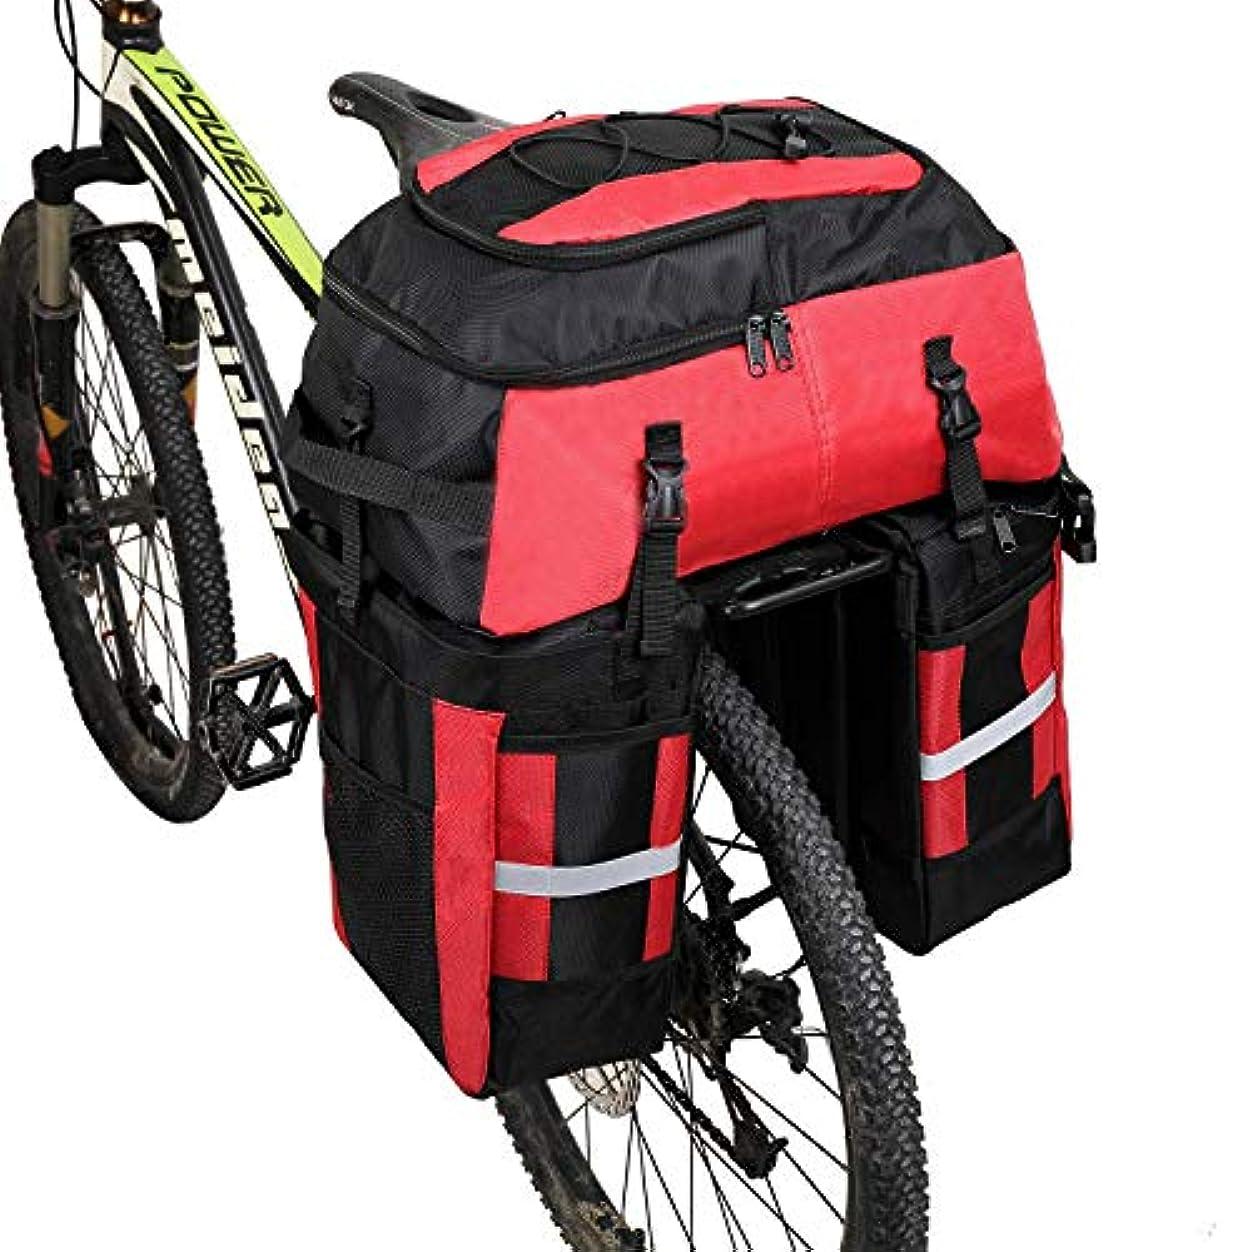 秋物理学者ゆり70L MTBバイク防水3で1リア自転車バッグパニアバッグレインカバー付き自転車ラックバッグ